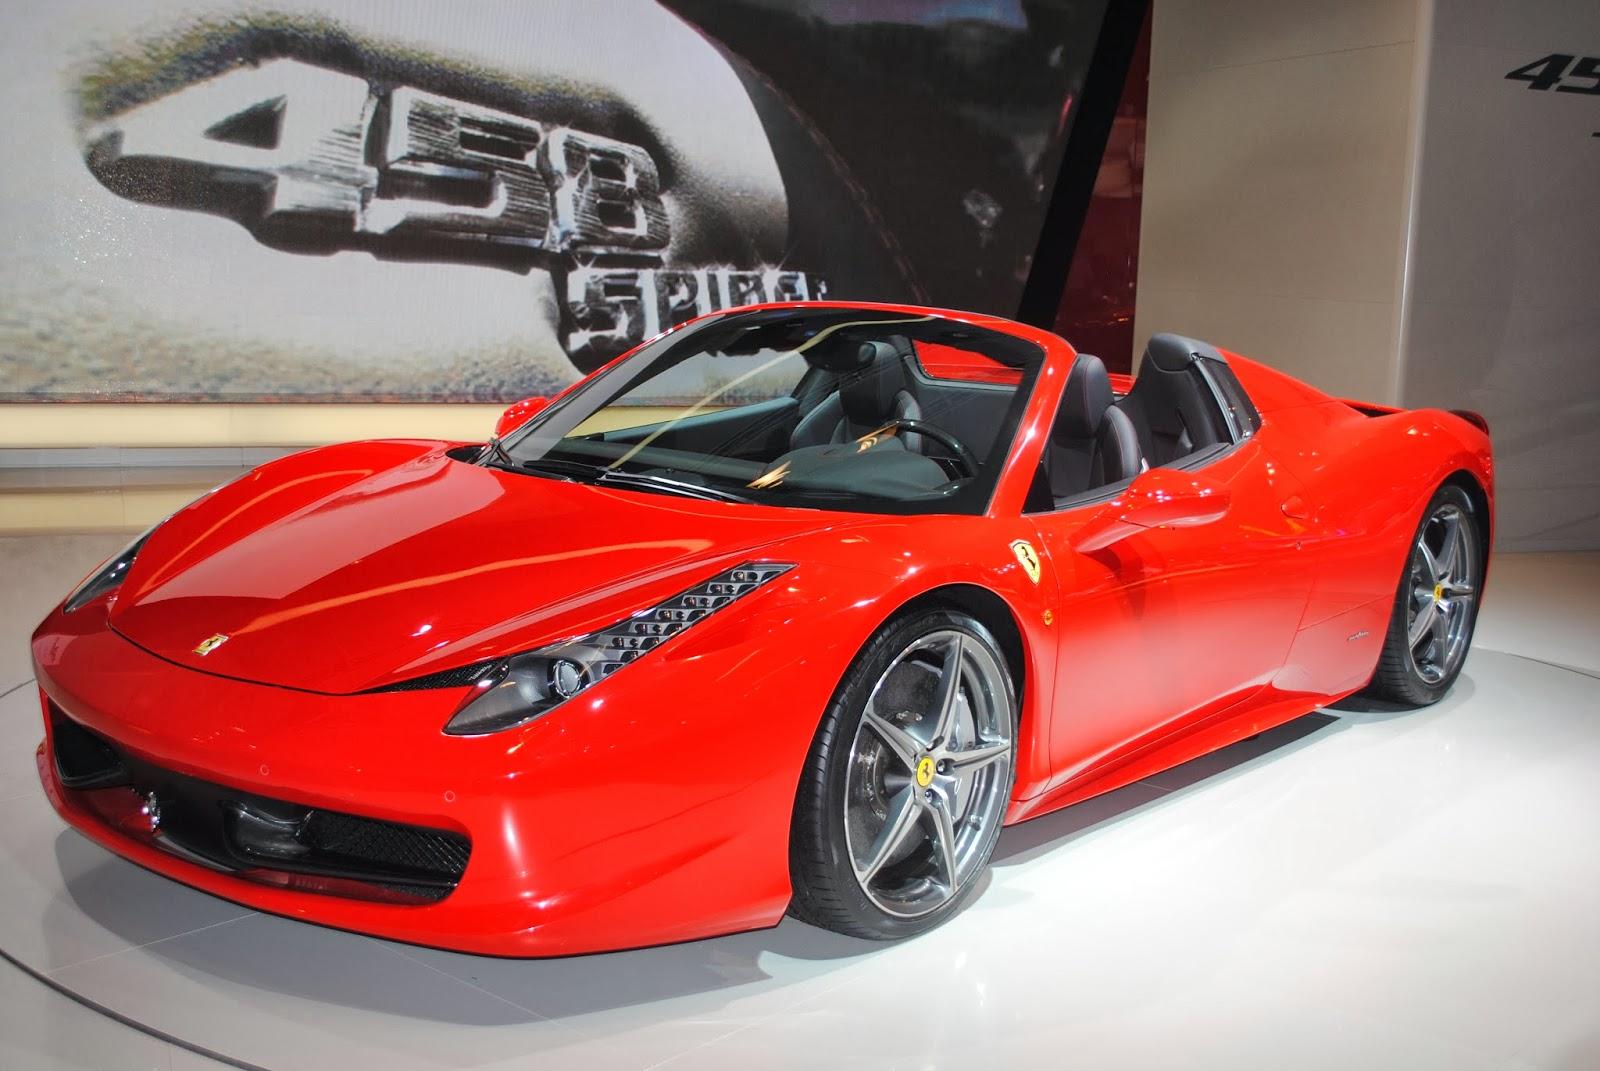 Ferrari ferrari spider 458 : Educate All Universities: Ferrari 458 Spider